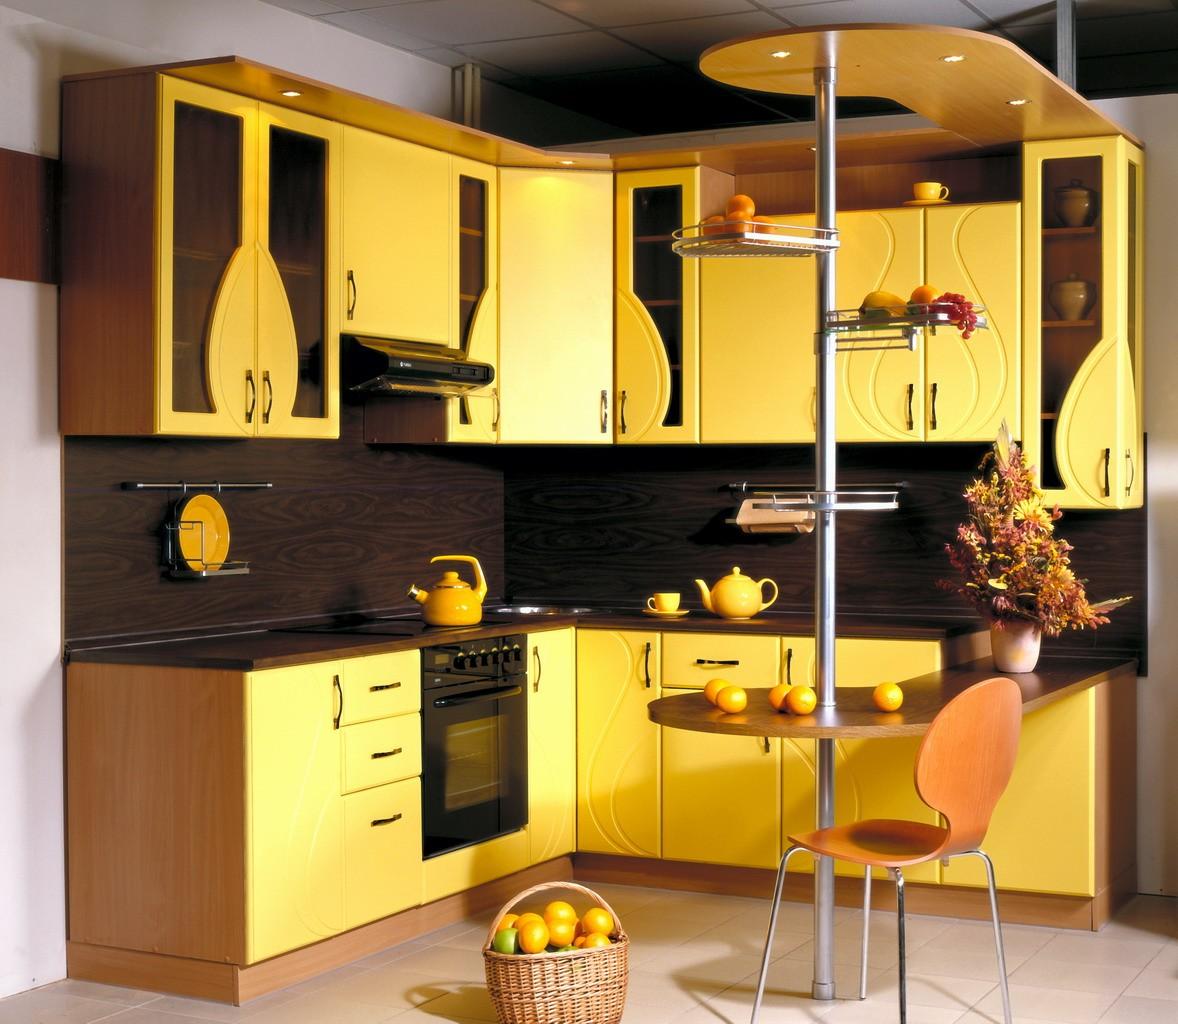 угловая кухня с мойкой в углу фото дизайн